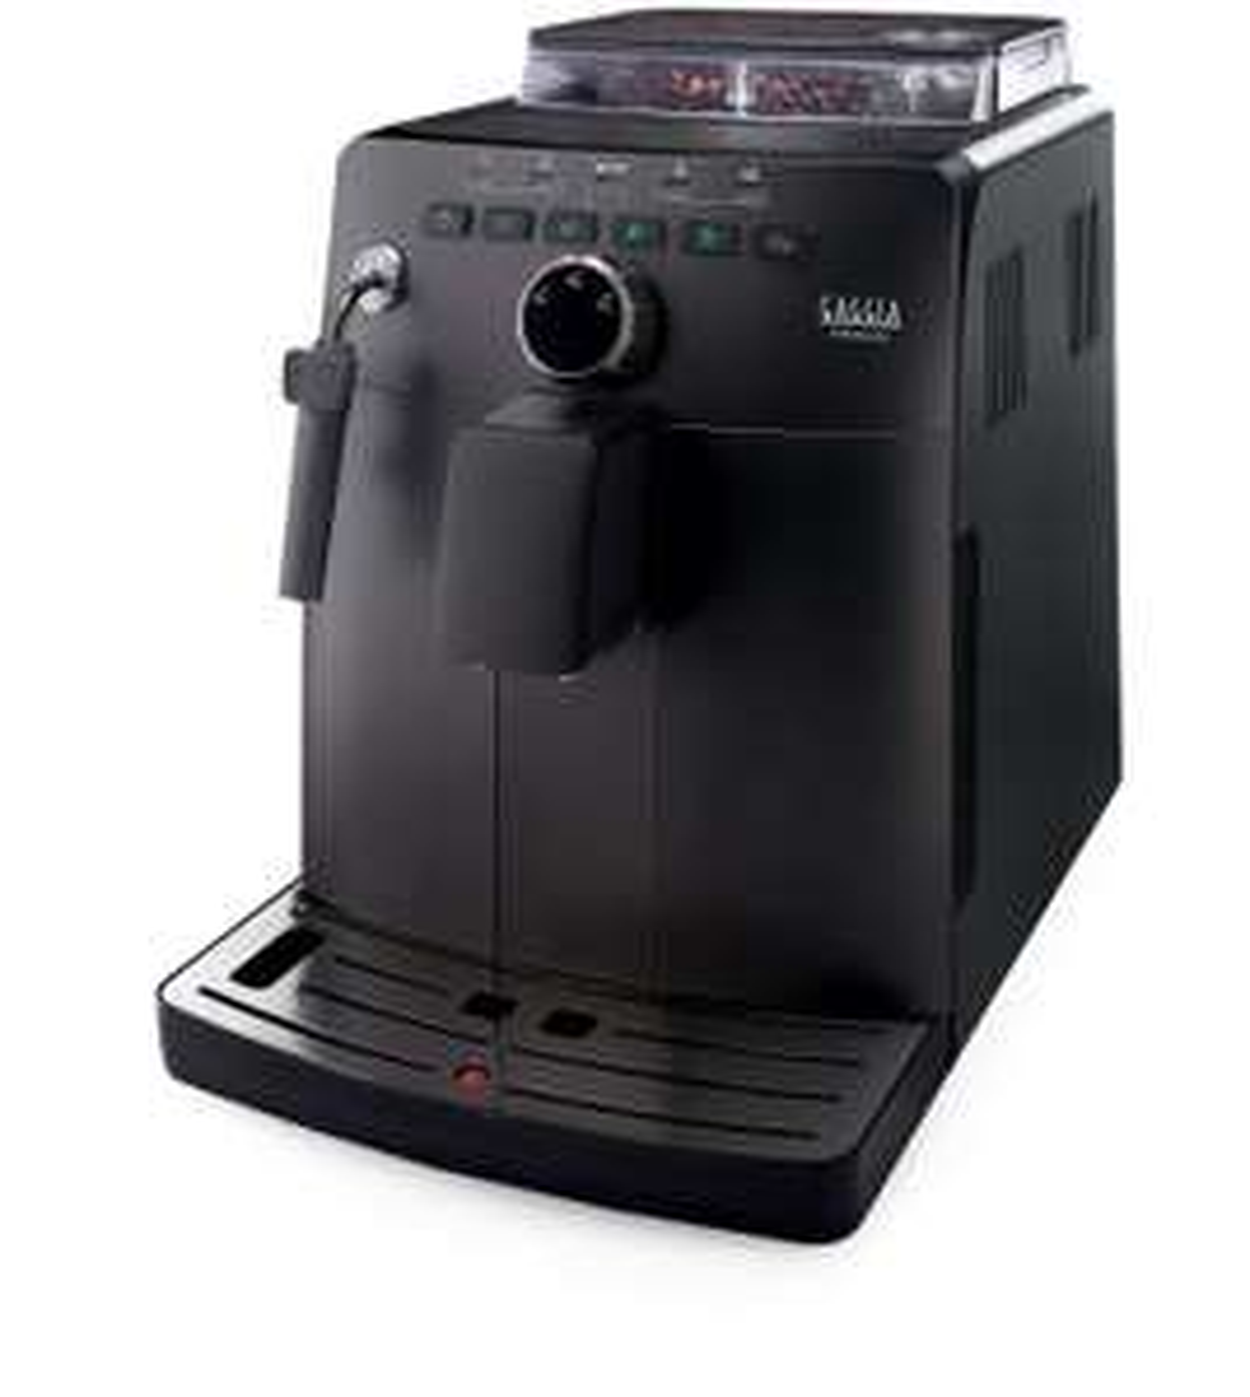 [Amazon.it] Gaggia HD8749/01 Naviglio - automatische Kaffeemaschine , Schwarz